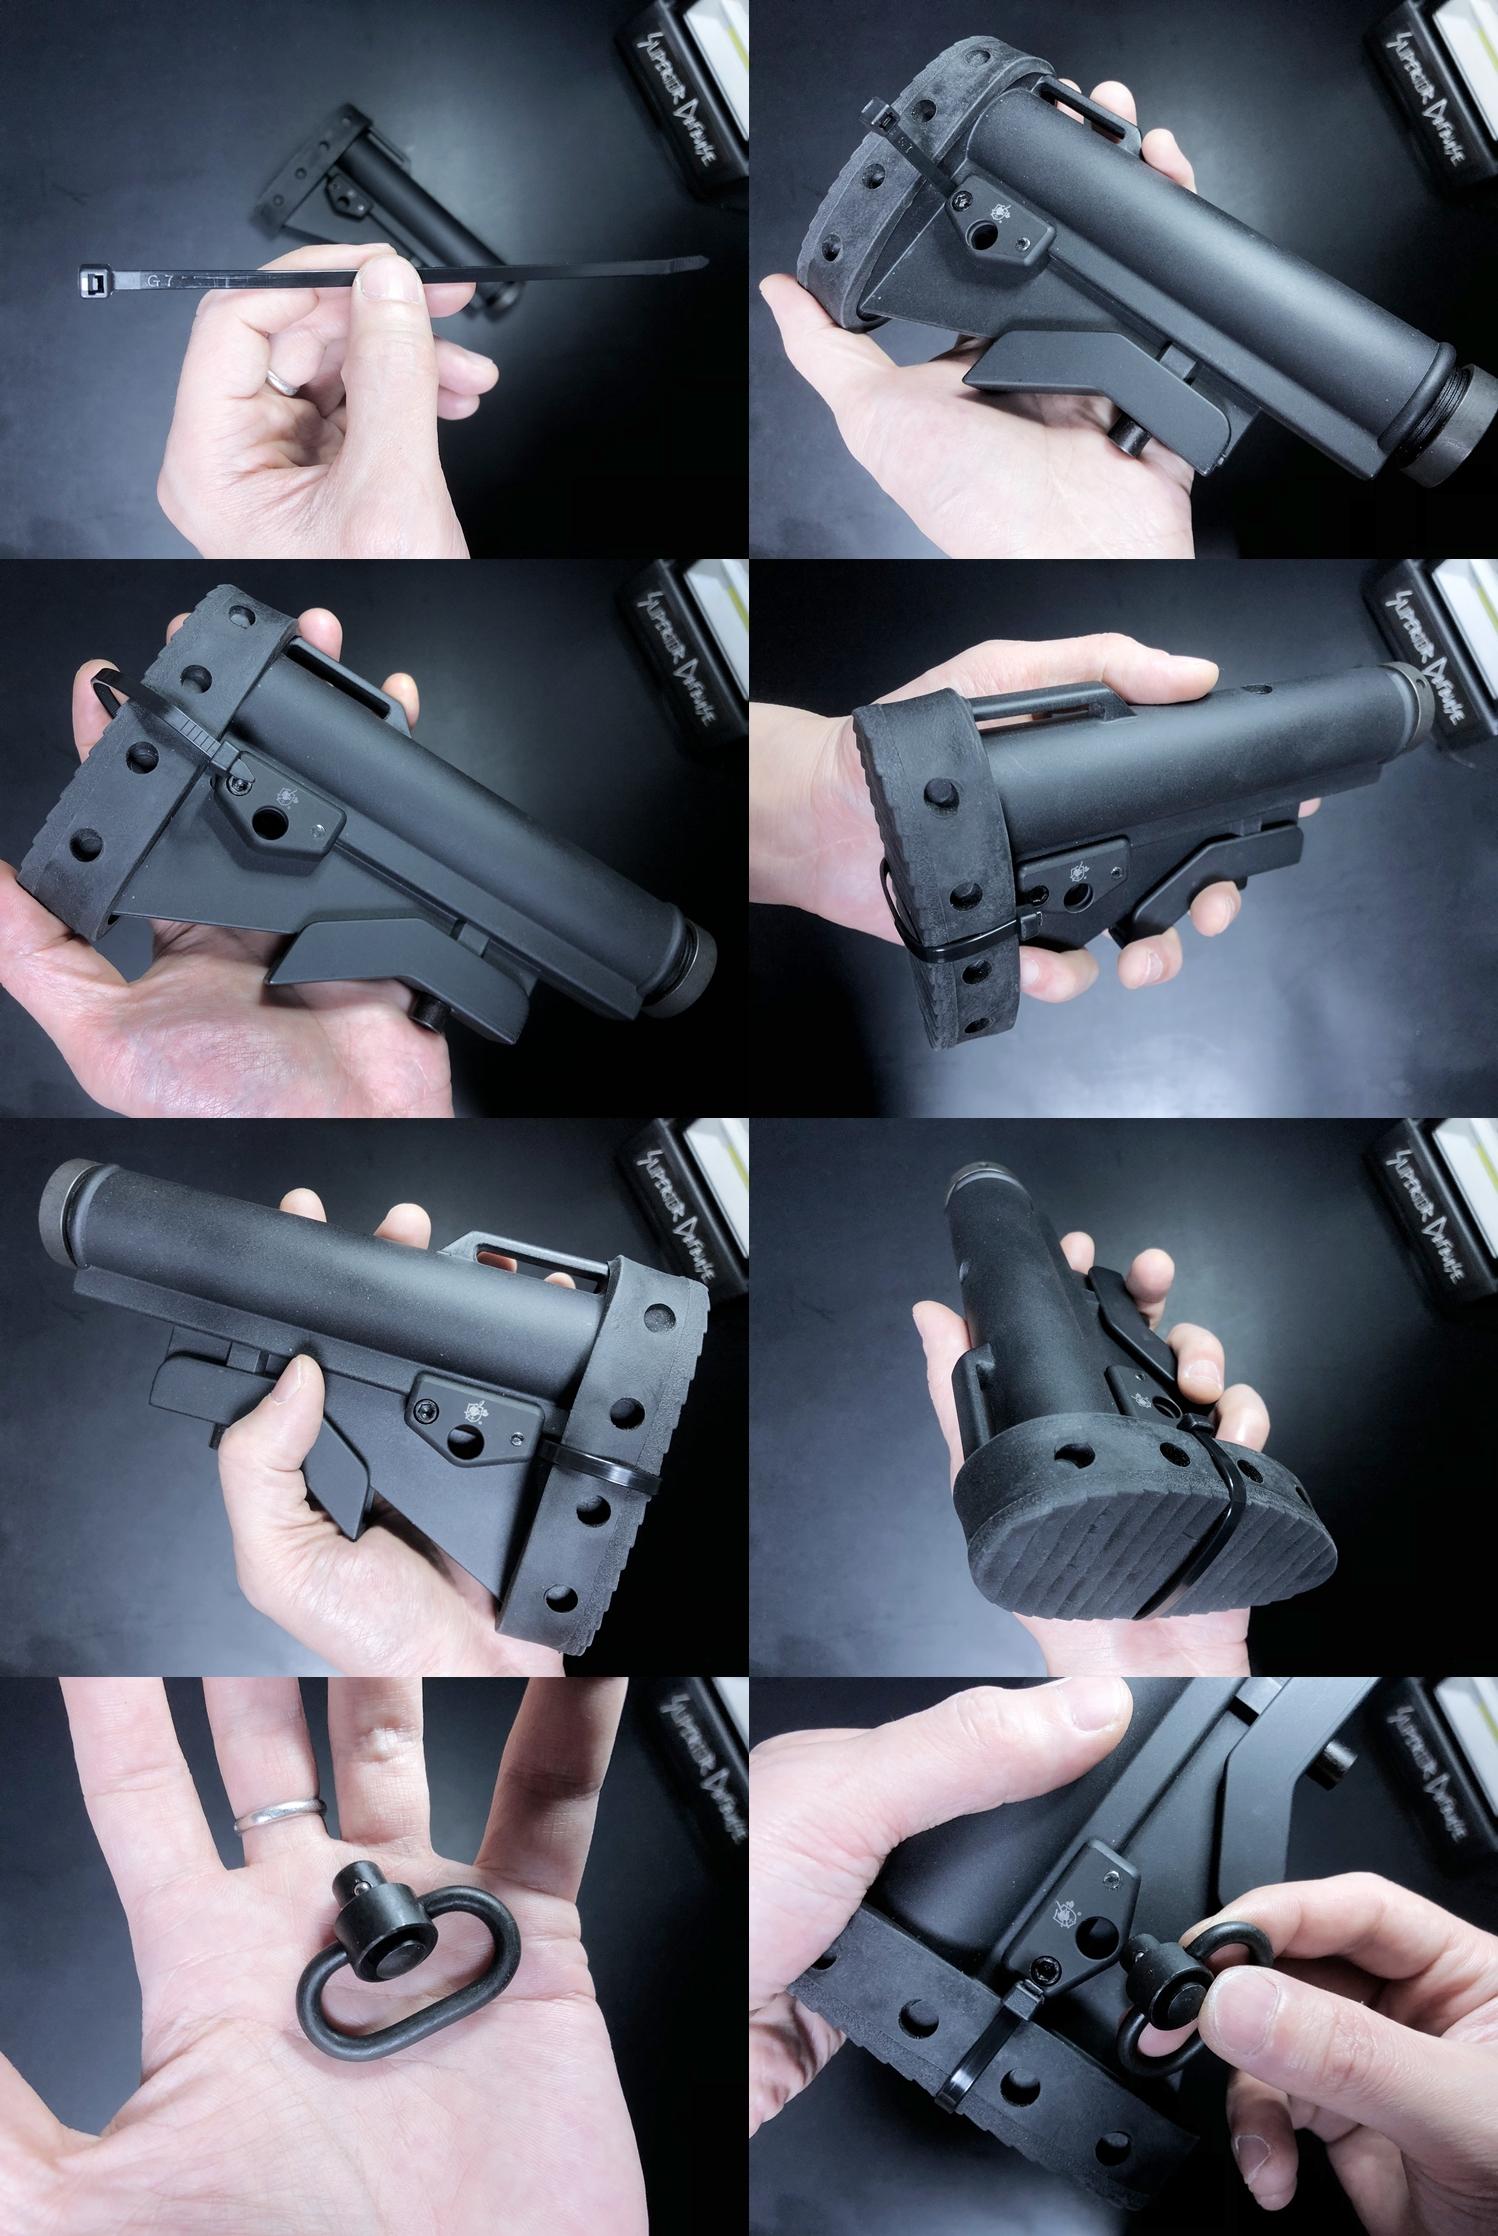 20 実物 Knight's Armament M4 Carbine Buttstock QD Sling Mount Kit & JOHN MASEN DELTA PAD & REMAKE M733 COMMANDOS STOCK!! DIY NOVESKE PIG!! KAC ナイツ QD デルタパッド!! 購入 取付 カスタム レビュー!!